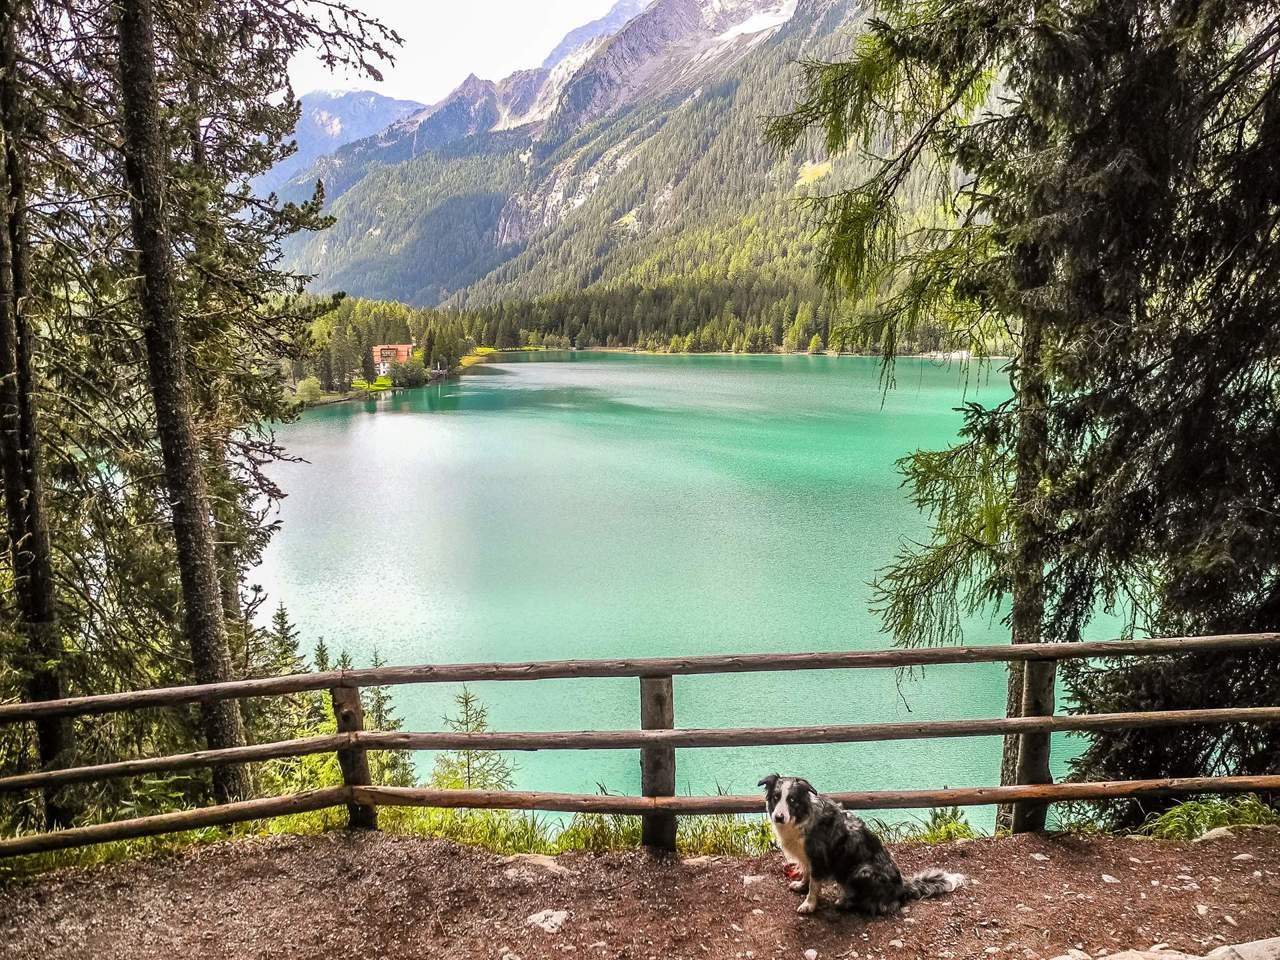 Urlaub mit hund in s dtirol wandern mit hund Ferien am see